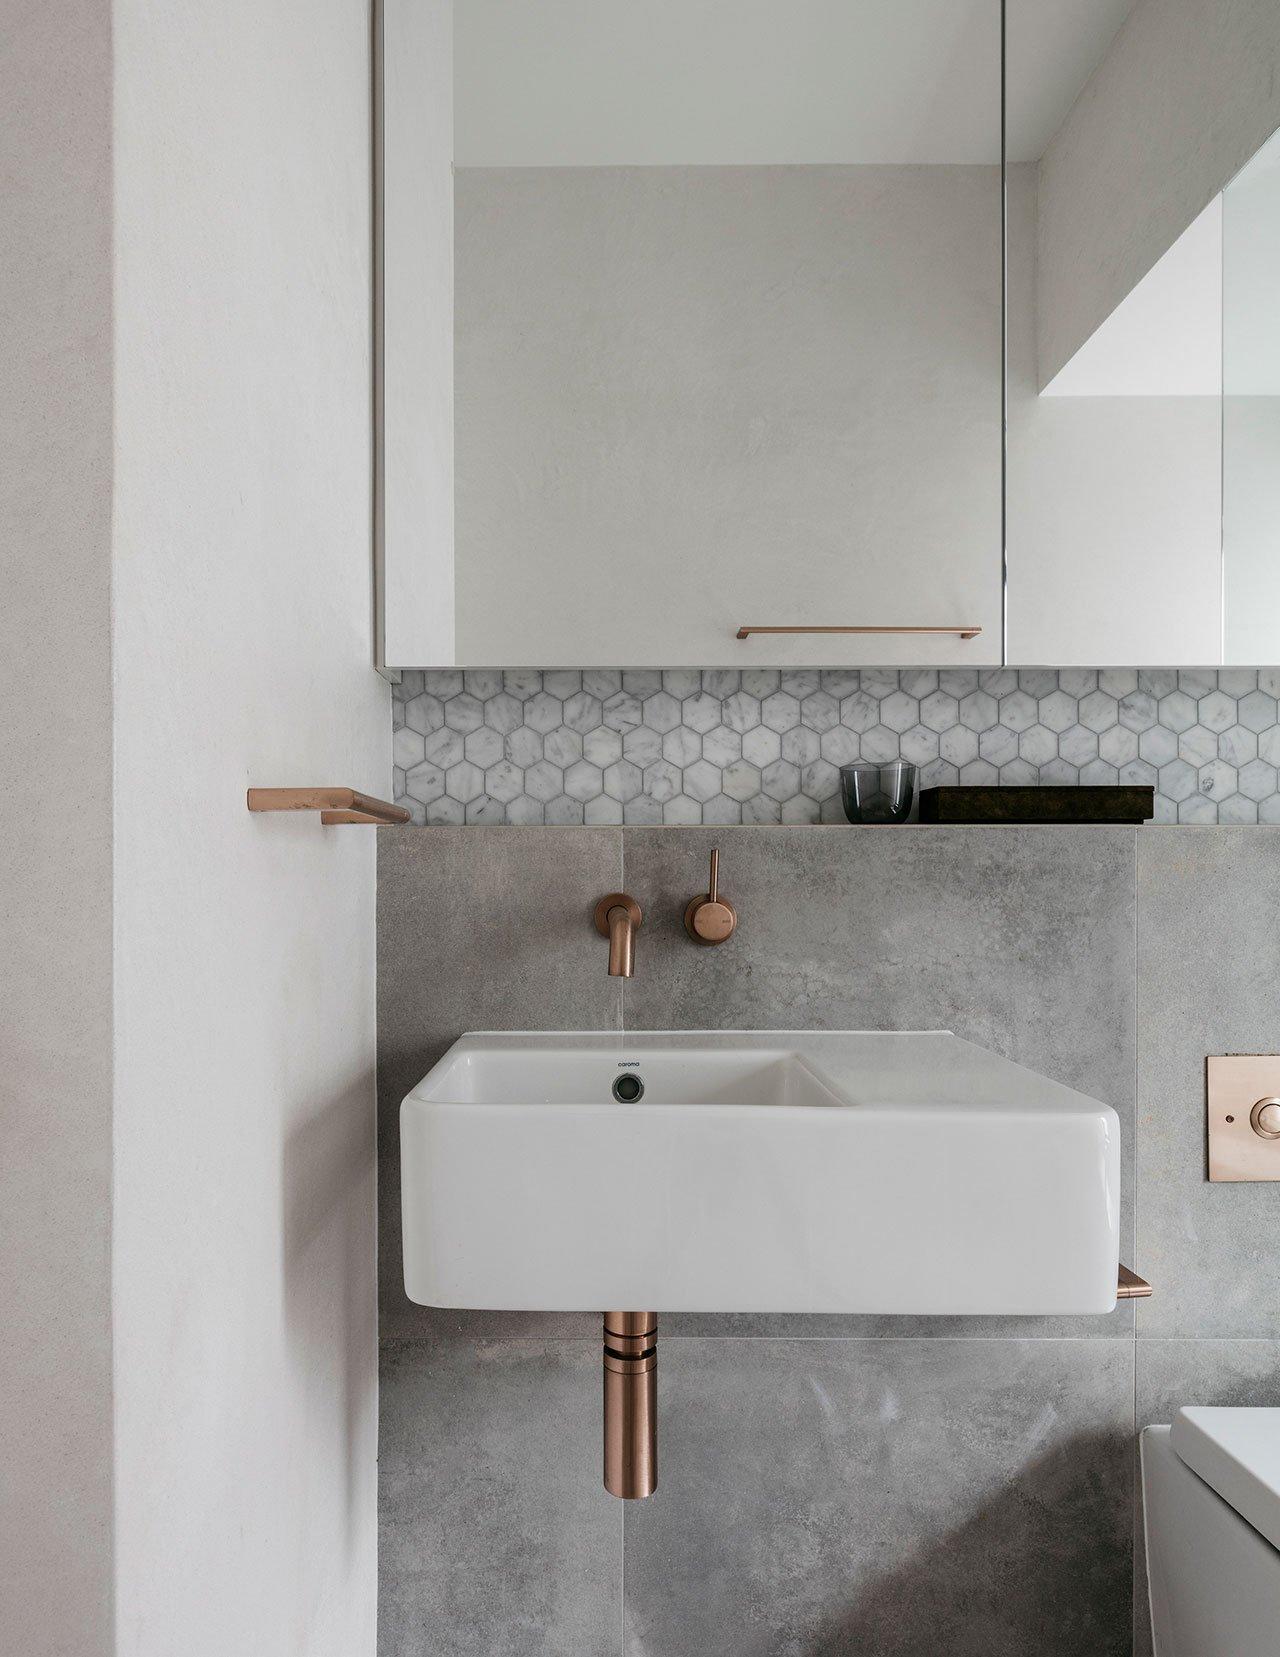 Deze mooie kleine badkamer is ontworpen met oog voor detail